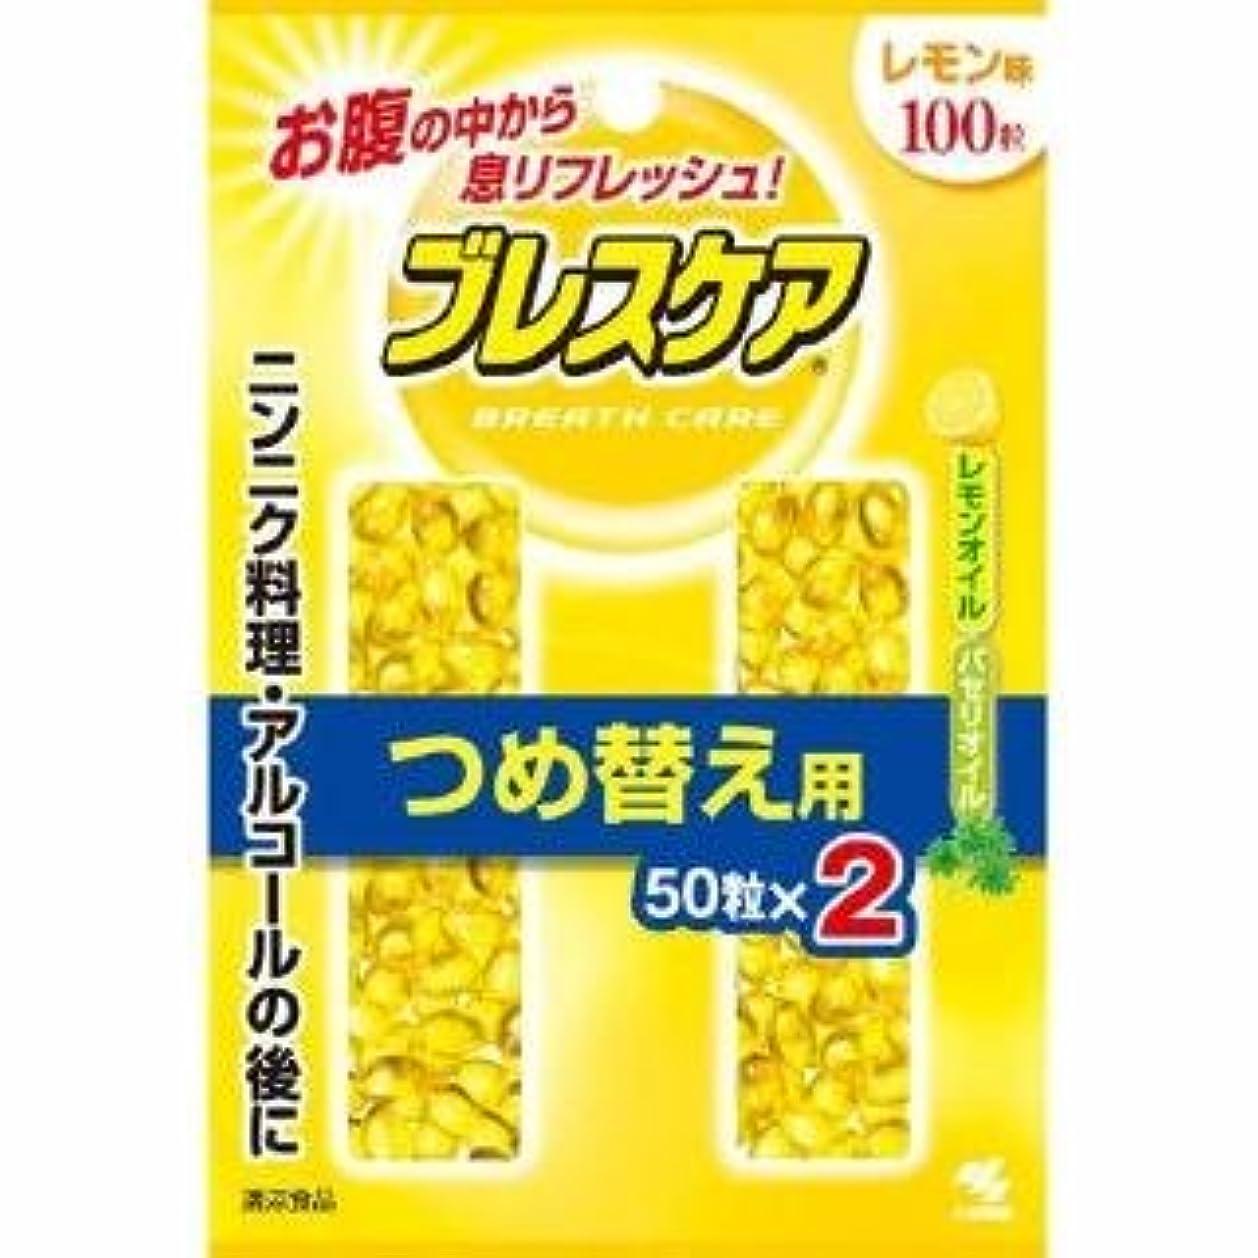 爵含めるバウンス小林製薬 ブレスケア レモン つめ替用 100粒 x 3個セット